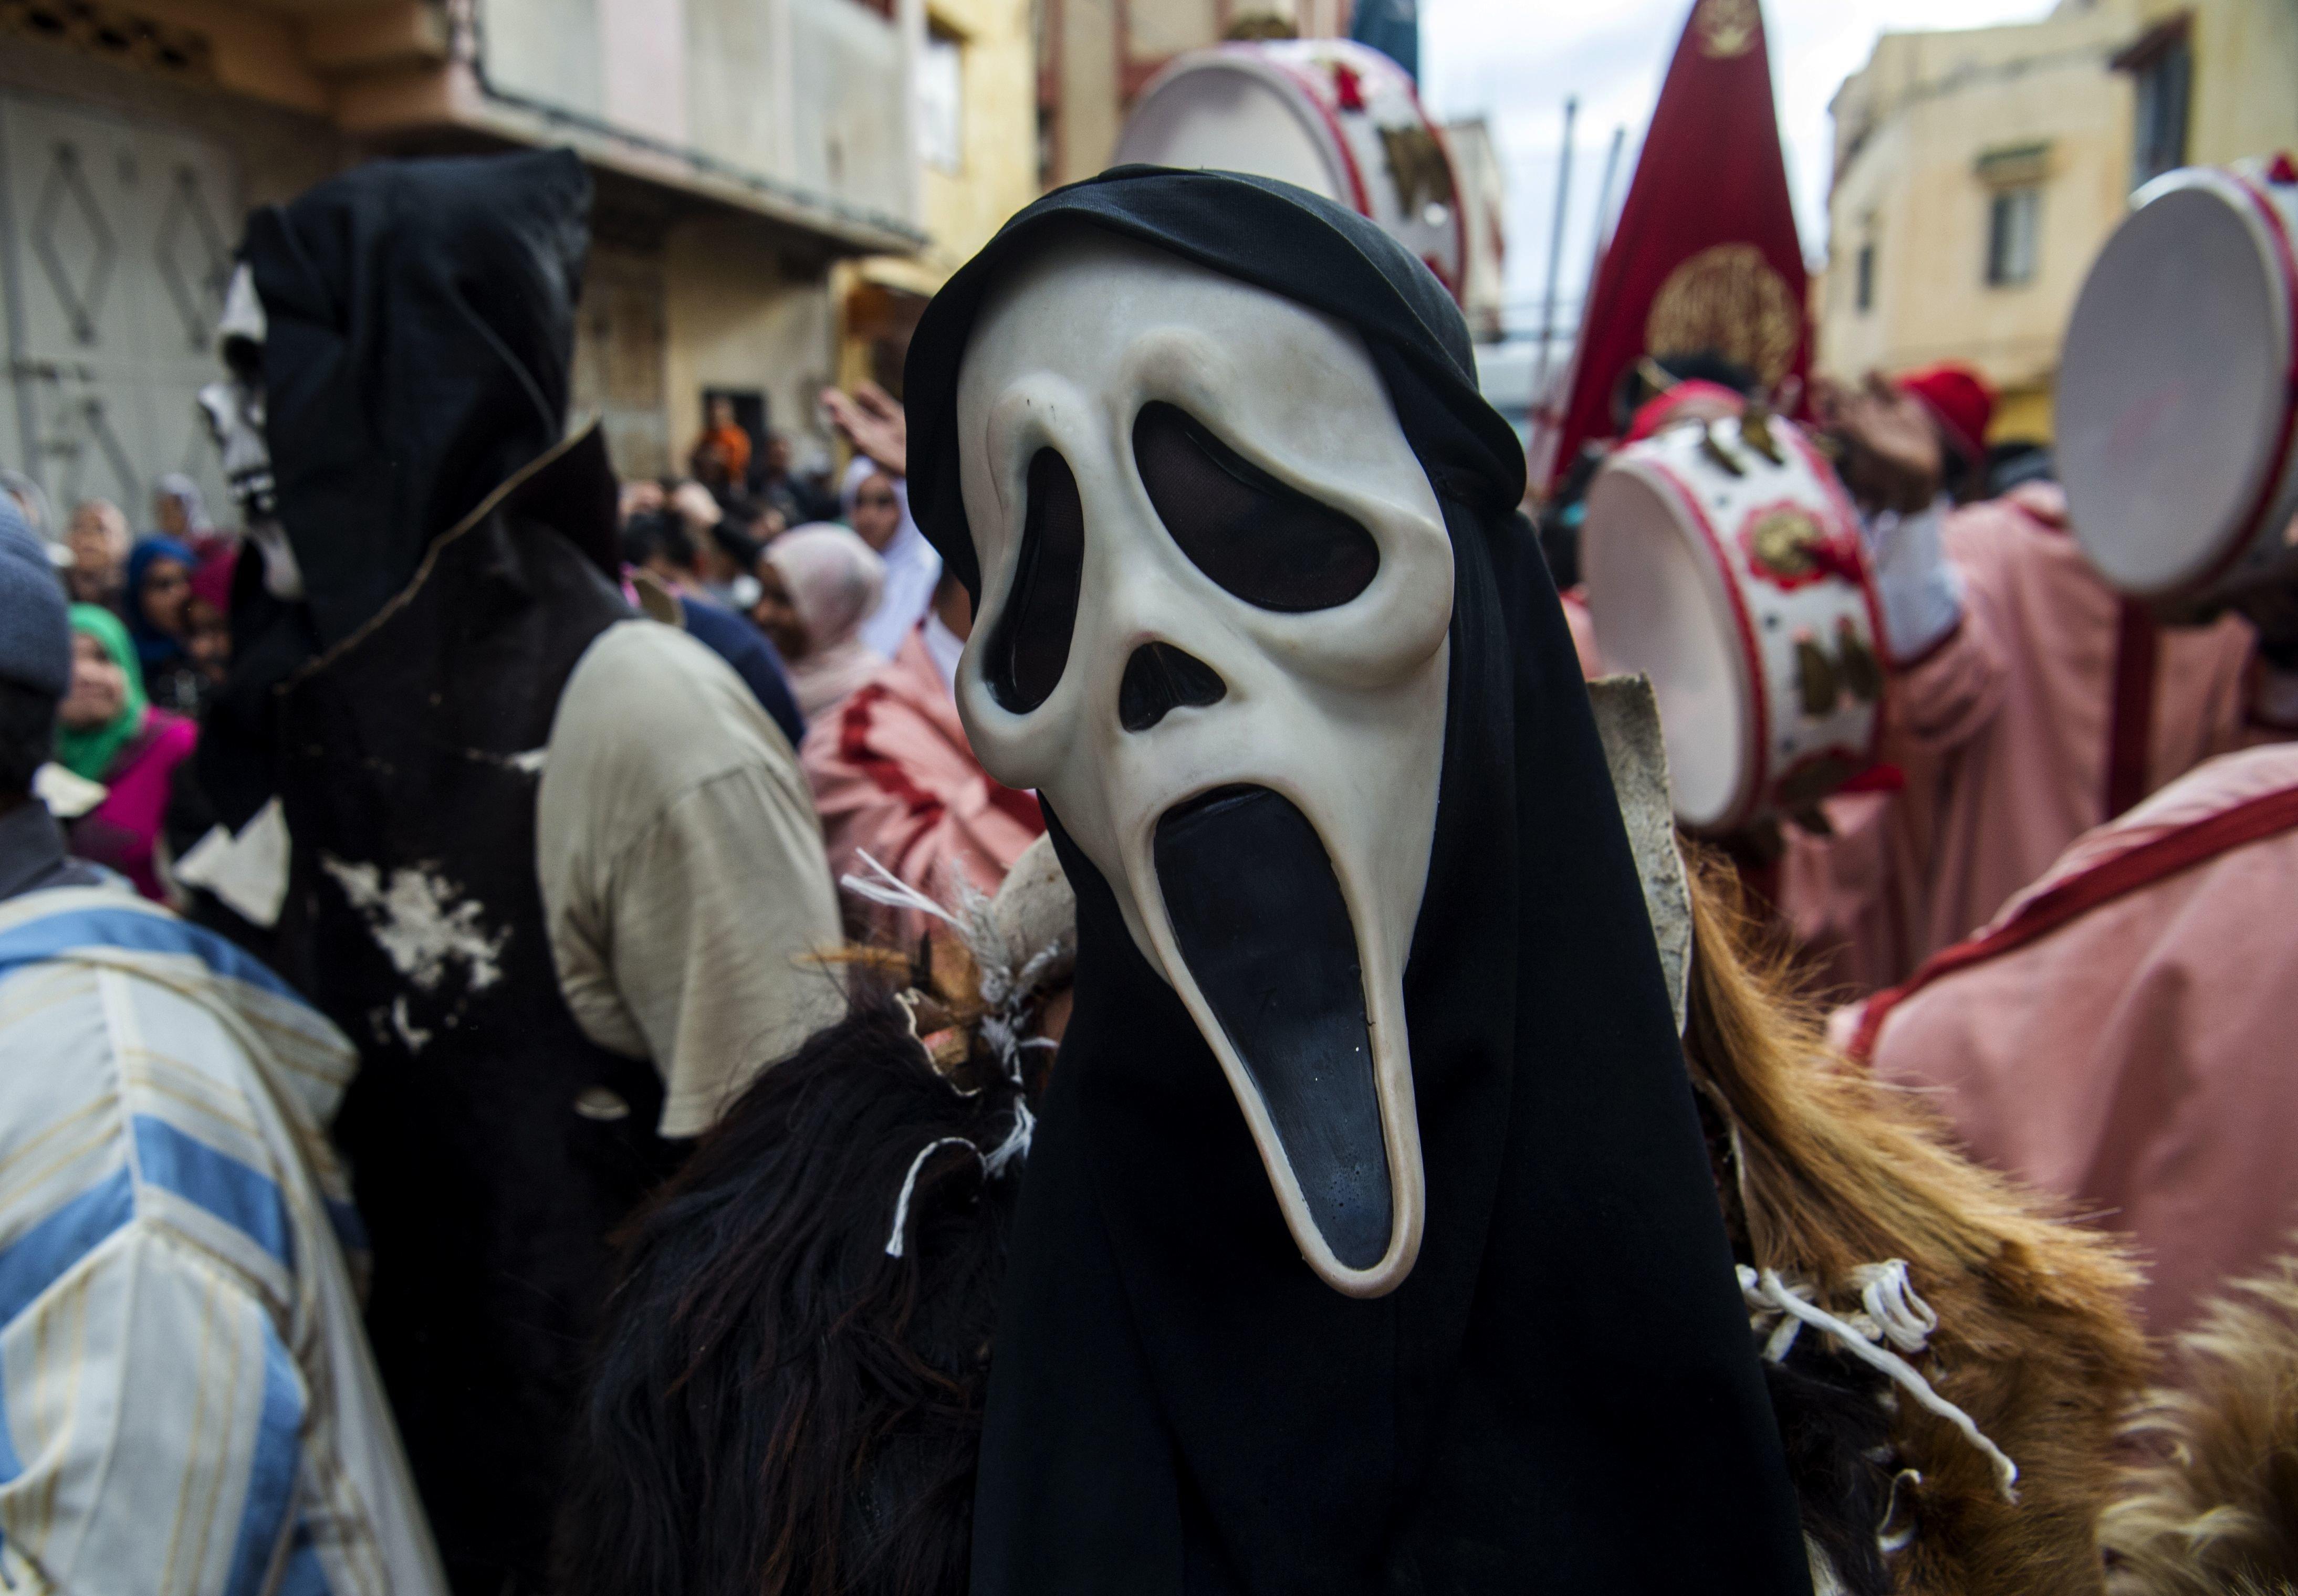 Cette année, le festival Boujloud à Salé avait des airs de Halloween